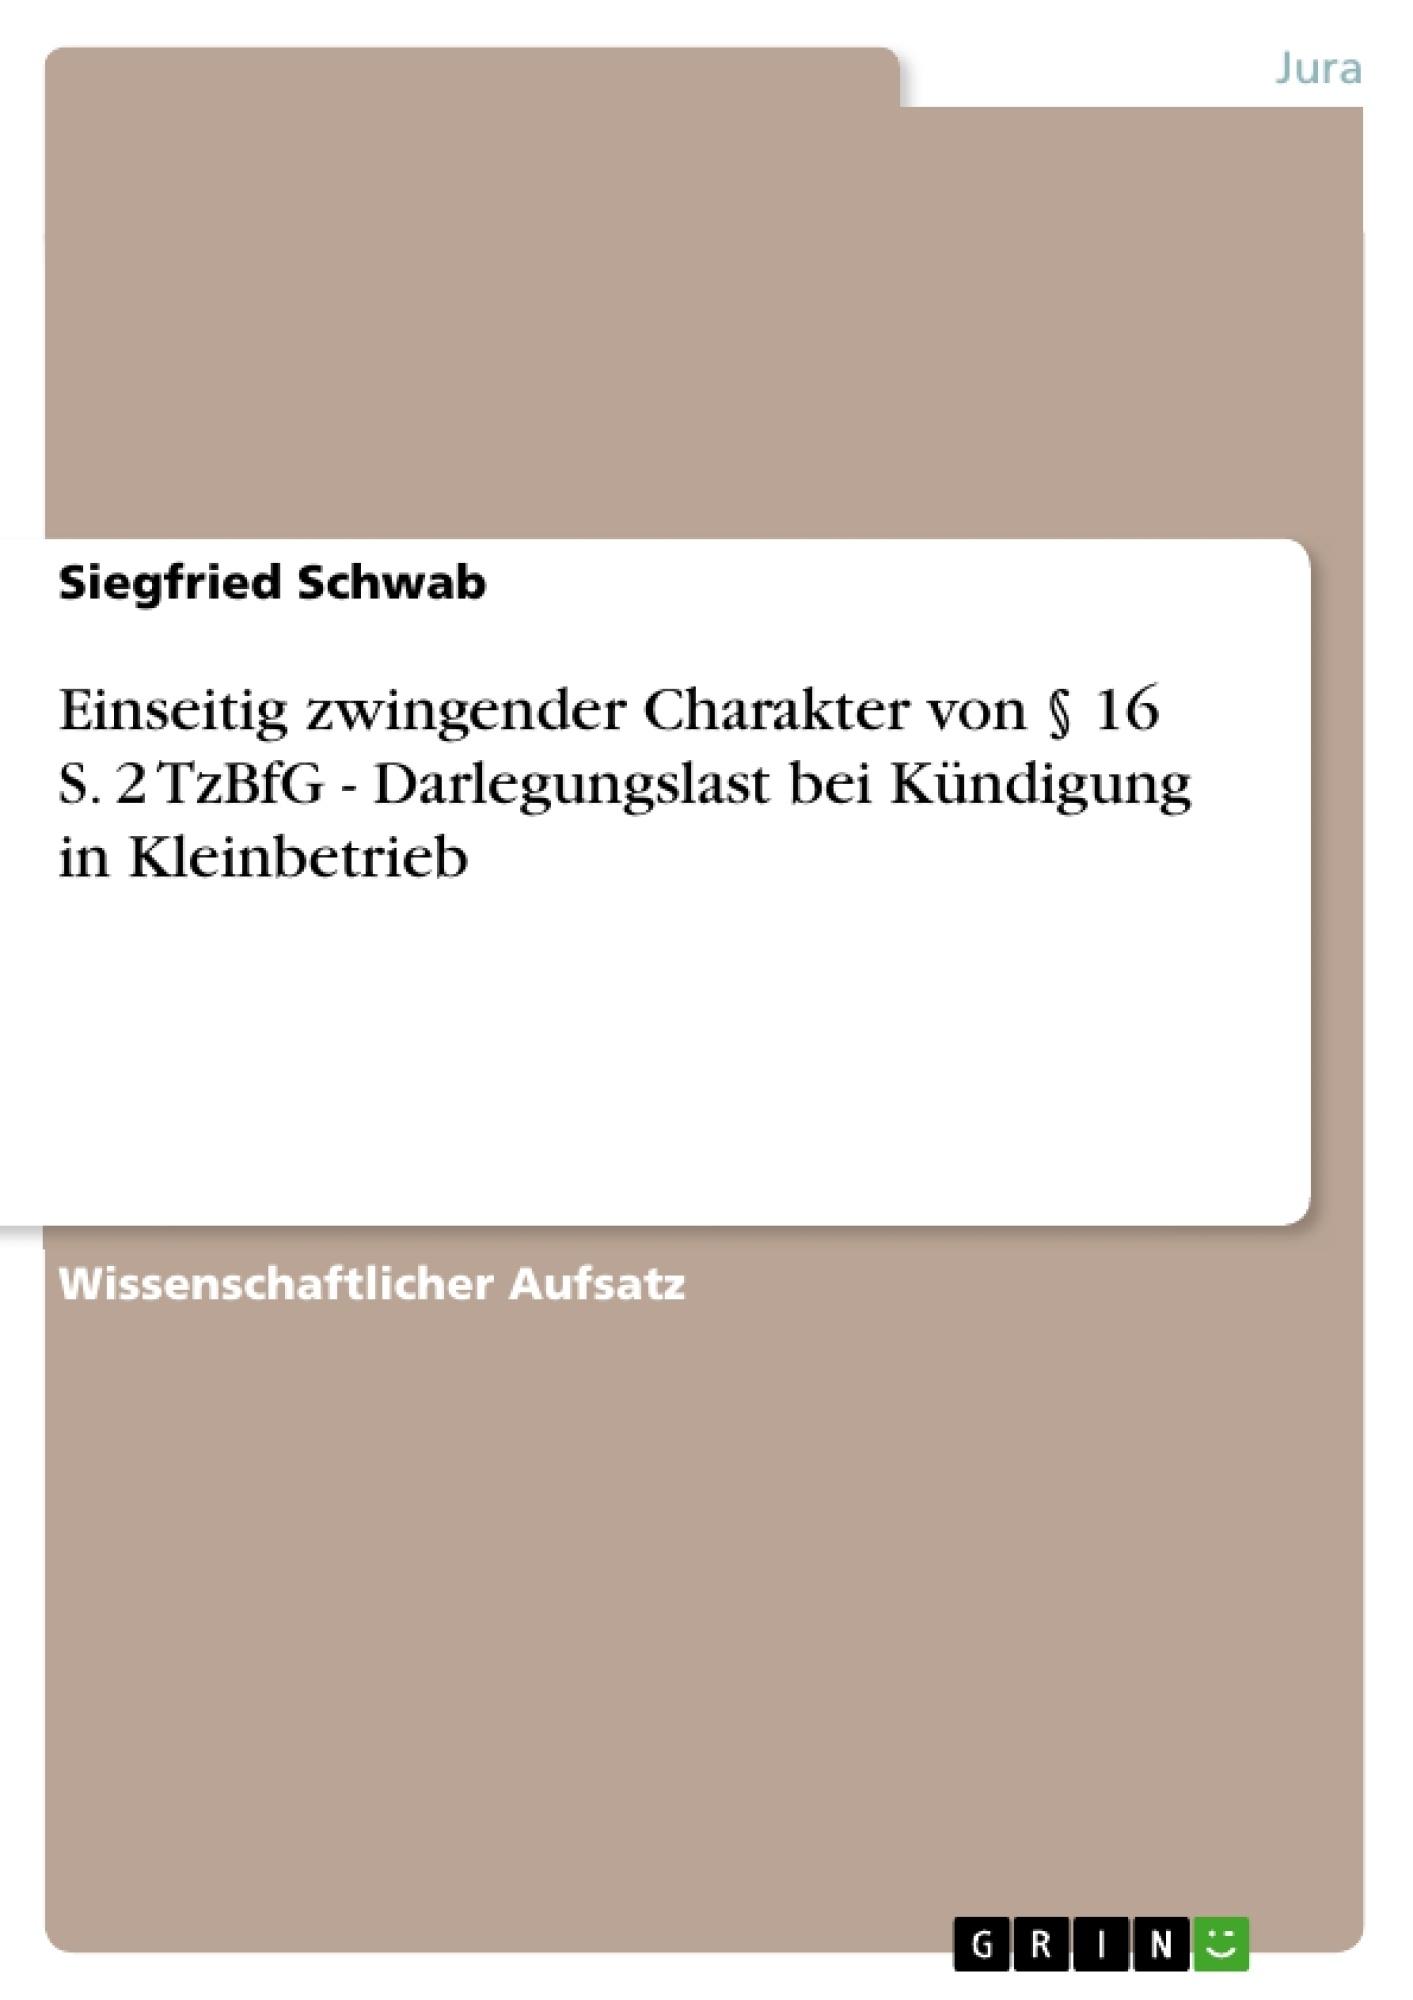 Titel: Einseitig zwingender Charakter von § 16 S. 2 TzBfG - Darlegungslast bei Kündigung in Kleinbetrieb